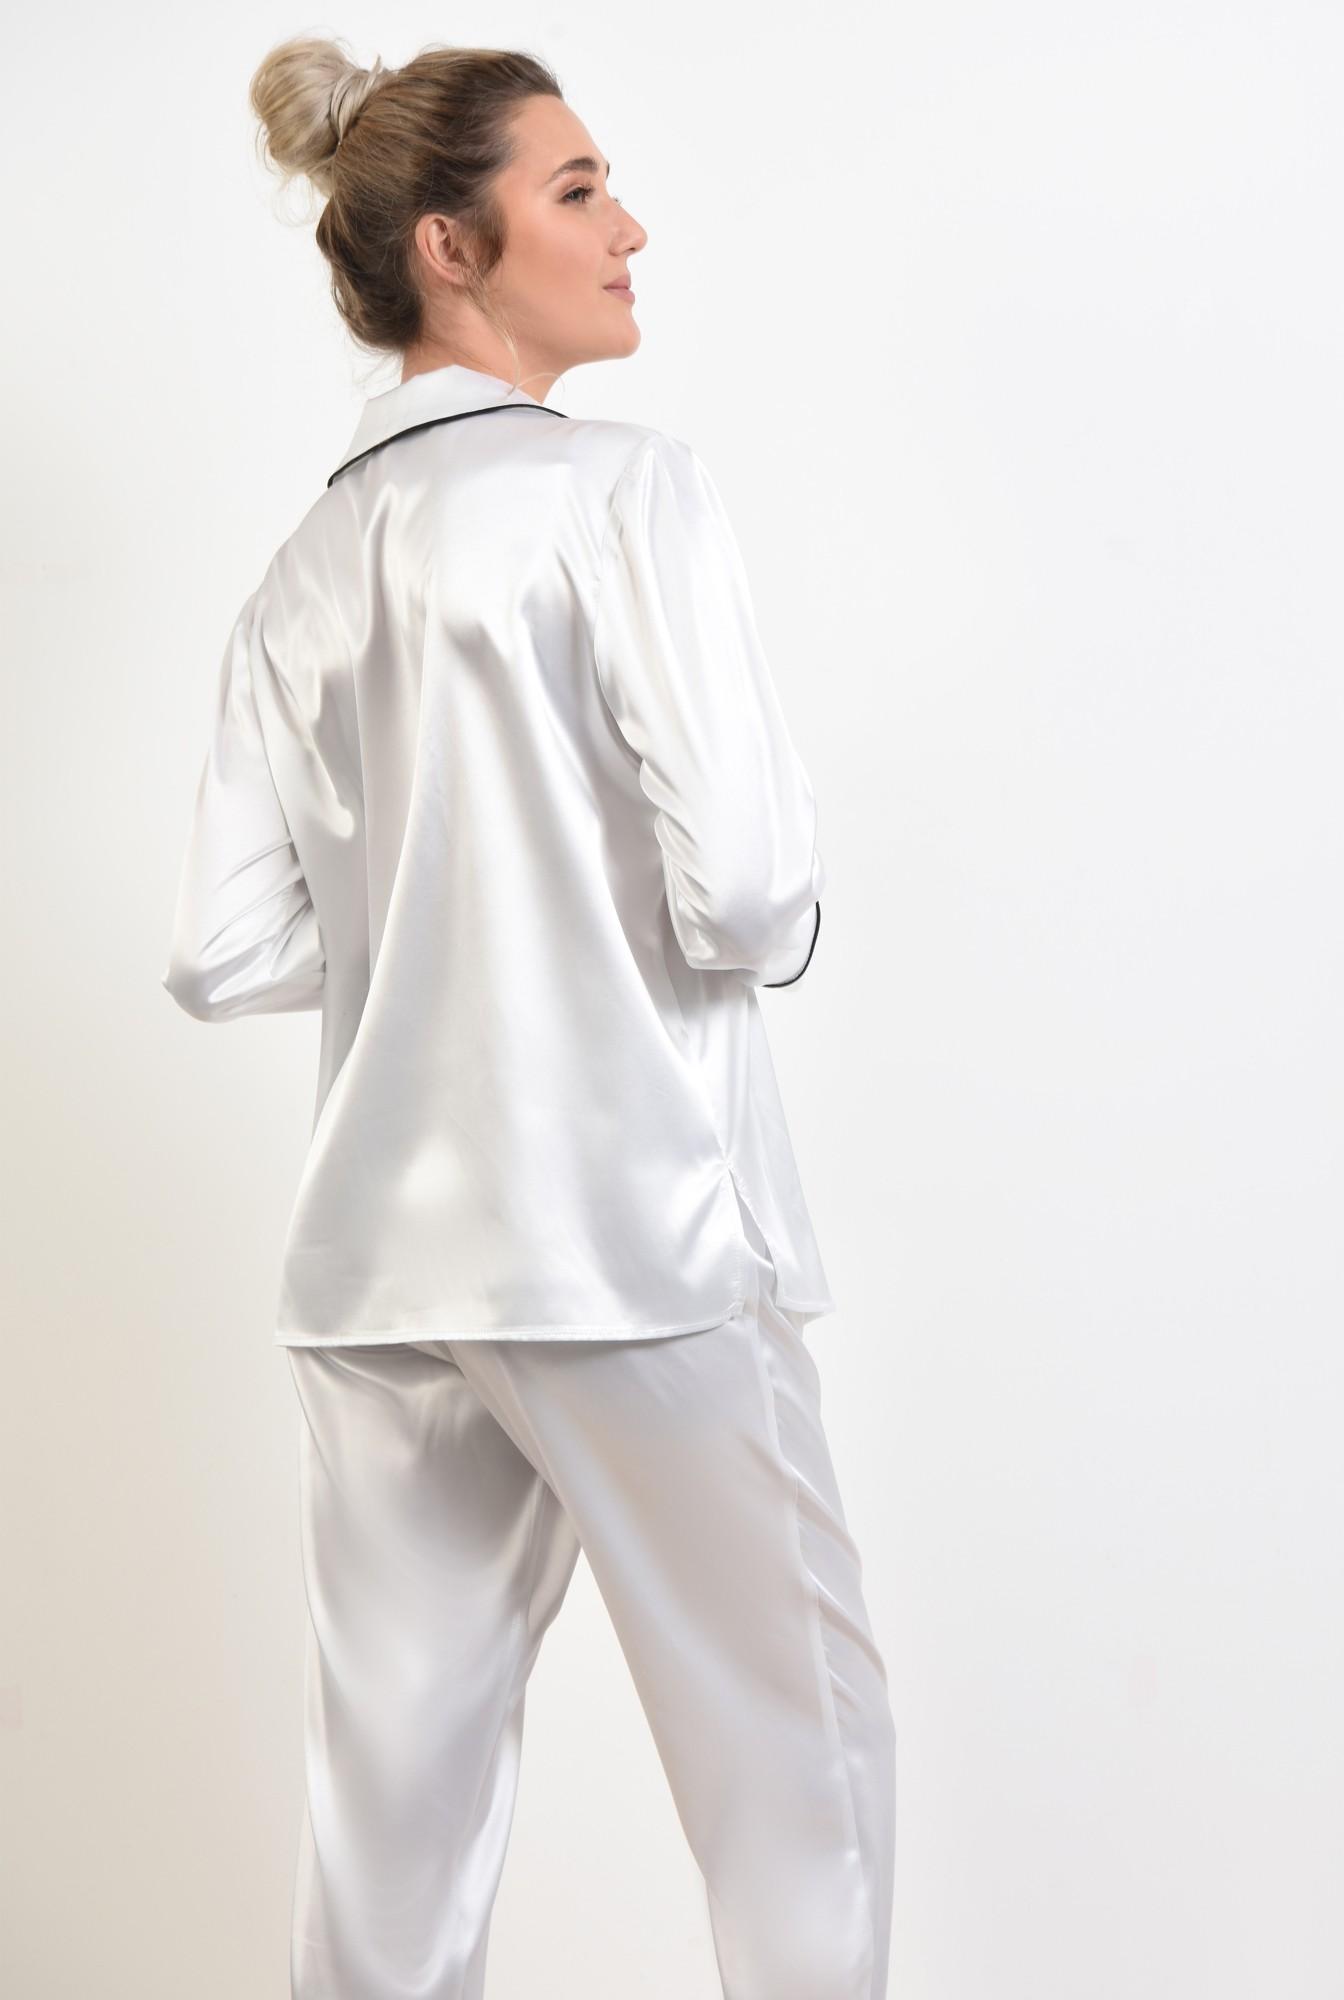 1 - camasa din satin, alb, cu nasturi, cu buzunar, cu borduri contrastante